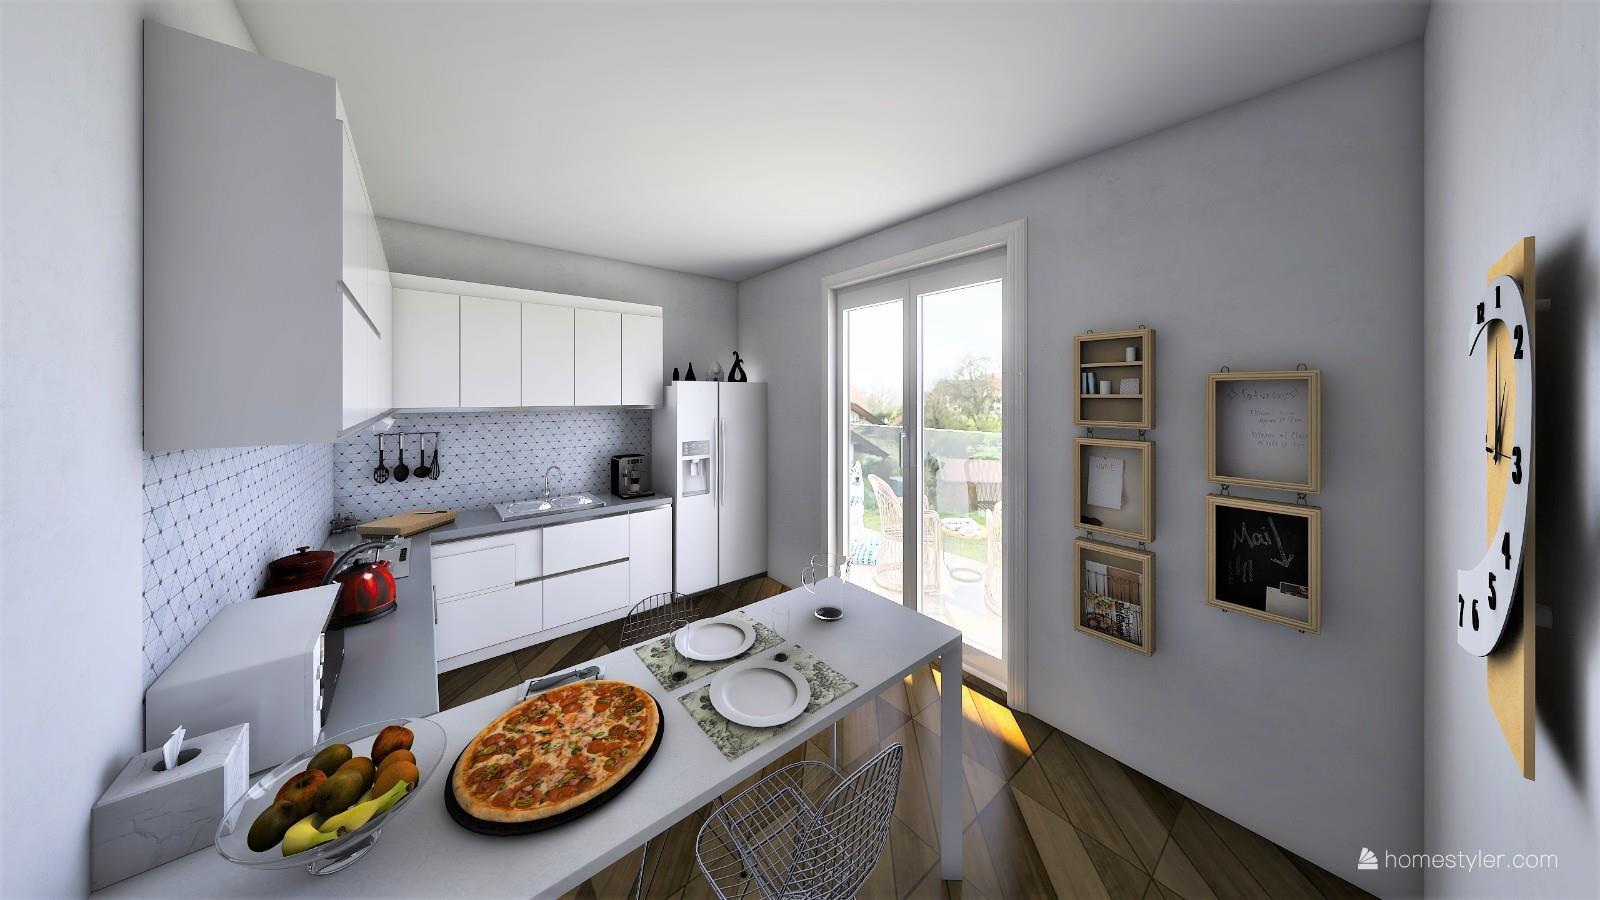 Foto 1 - Appartamento in Vendita - Concorezzo (Monza e Brianza)